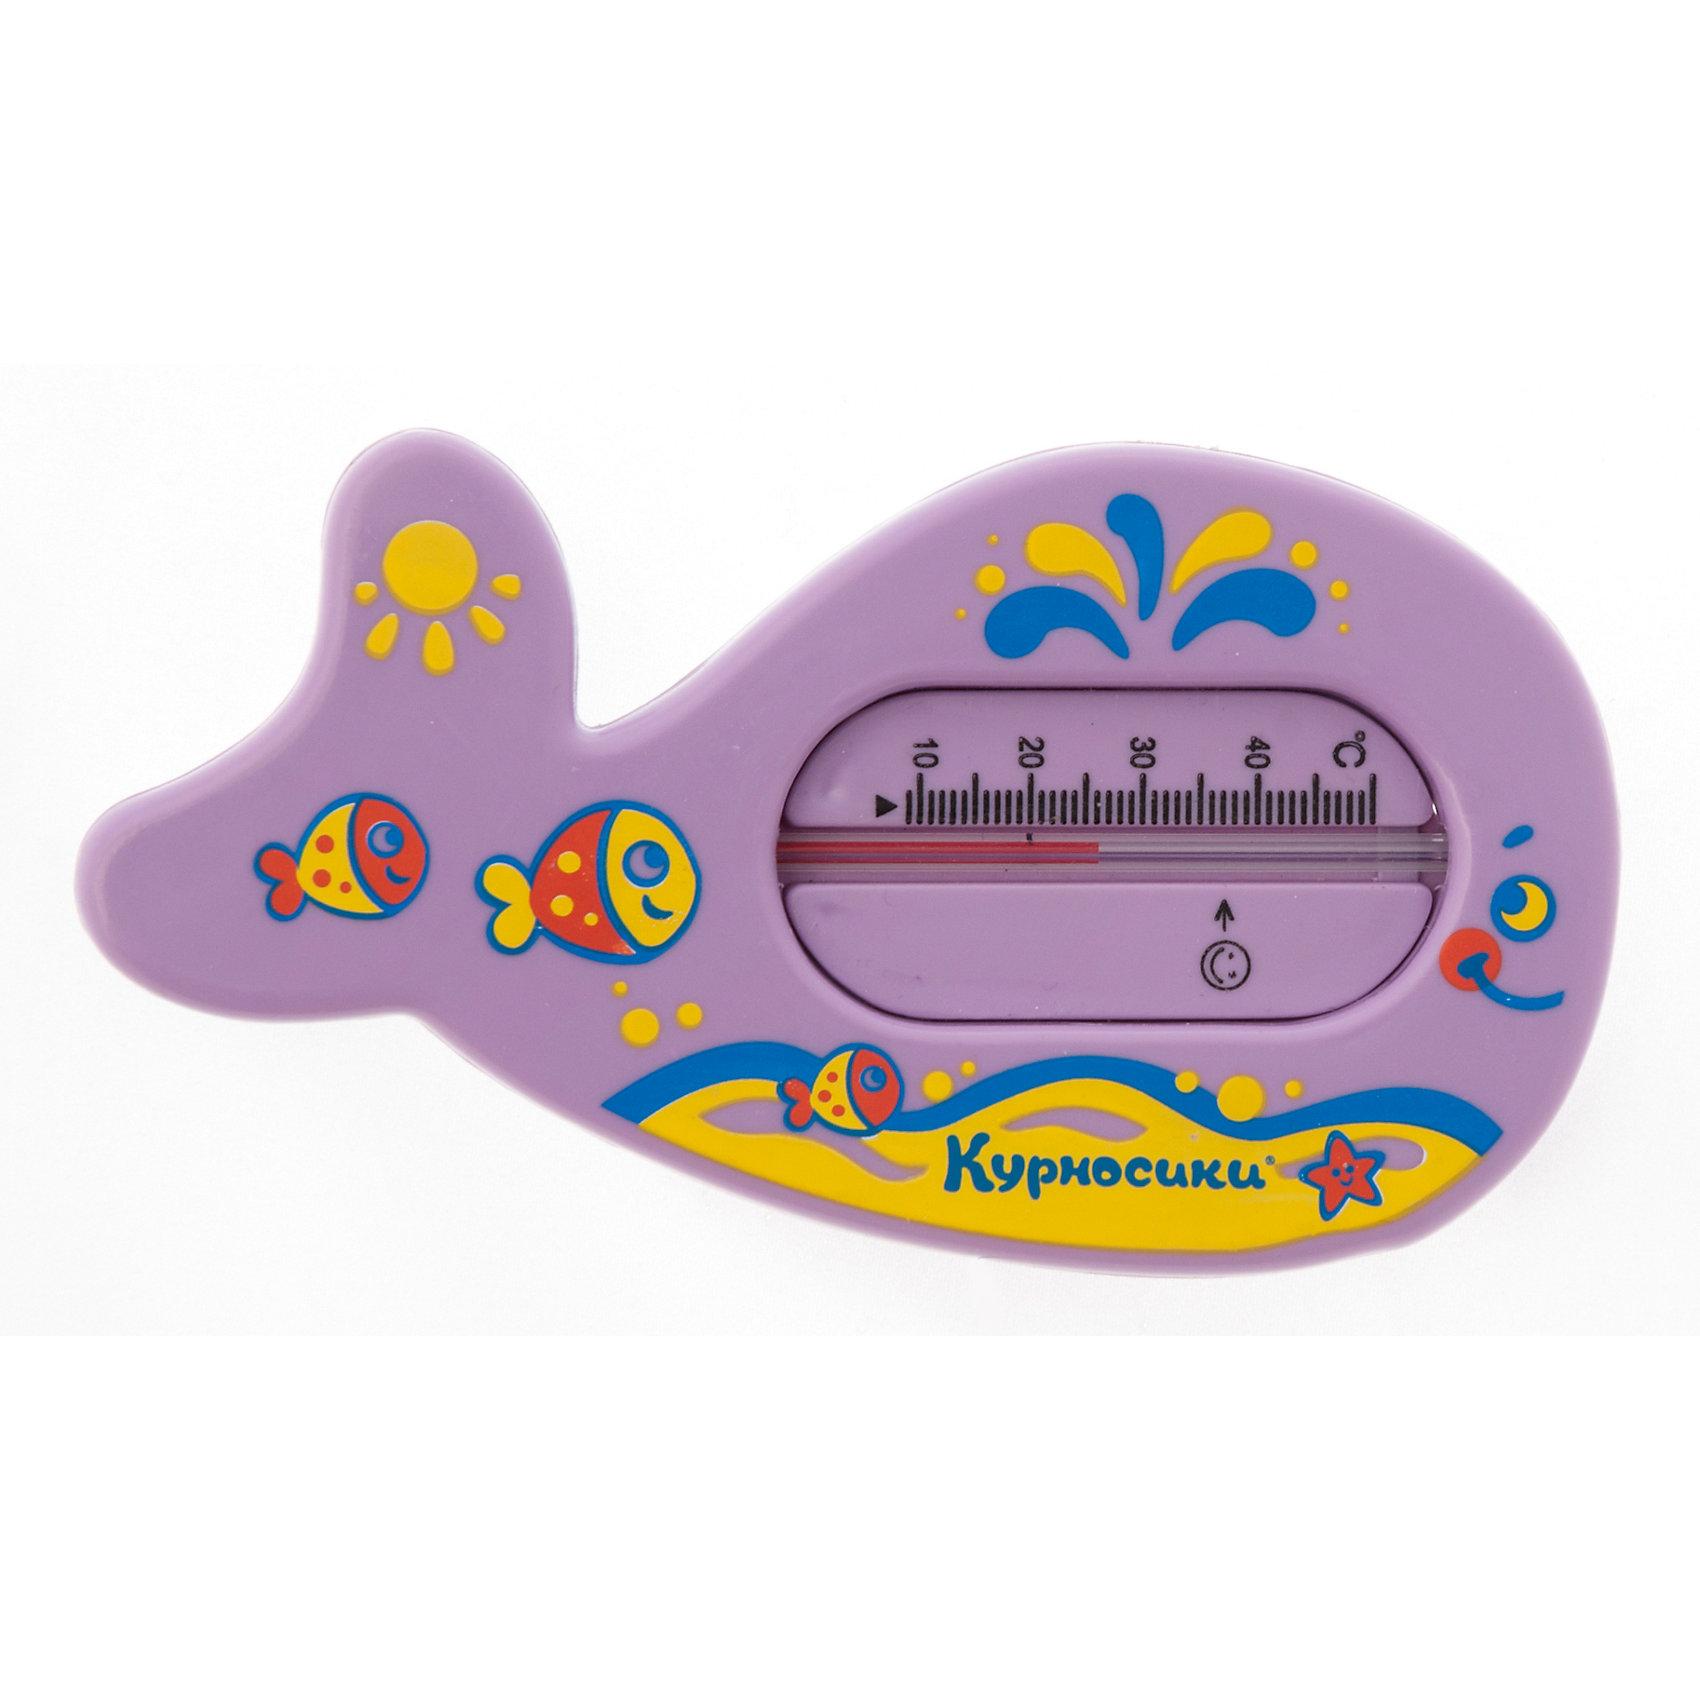 Термометр Китенок, Kurnosiki, фиолетовыйТочно измеряет температуру воды для купания малыша. Прост в использовании. Не содержит ртути.<br><br>Ширина мм: 15<br>Глубина мм: 130<br>Высота мм: 170<br>Вес г: 76<br>Возраст от месяцев: 0<br>Возраст до месяцев: 36<br>Пол: Женский<br>Возраст: Детский<br>SKU: 5428700